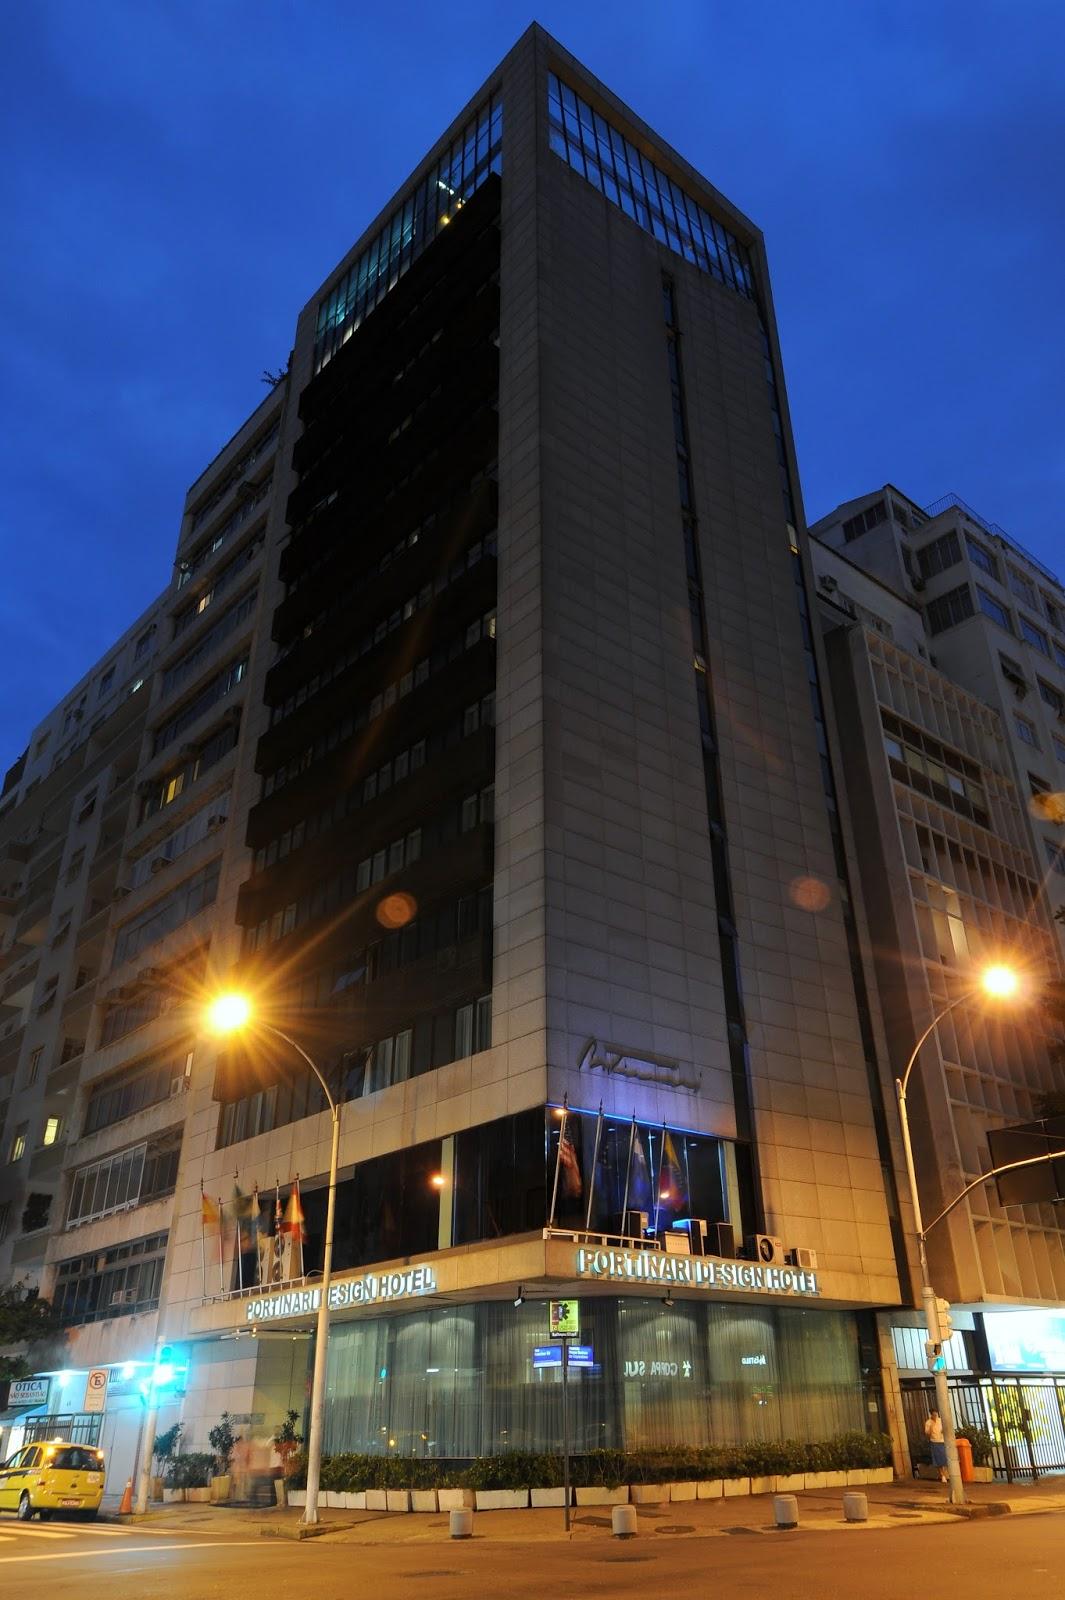 Podcultura portal de not cias rio design hotel for Design hotel lizum 1600